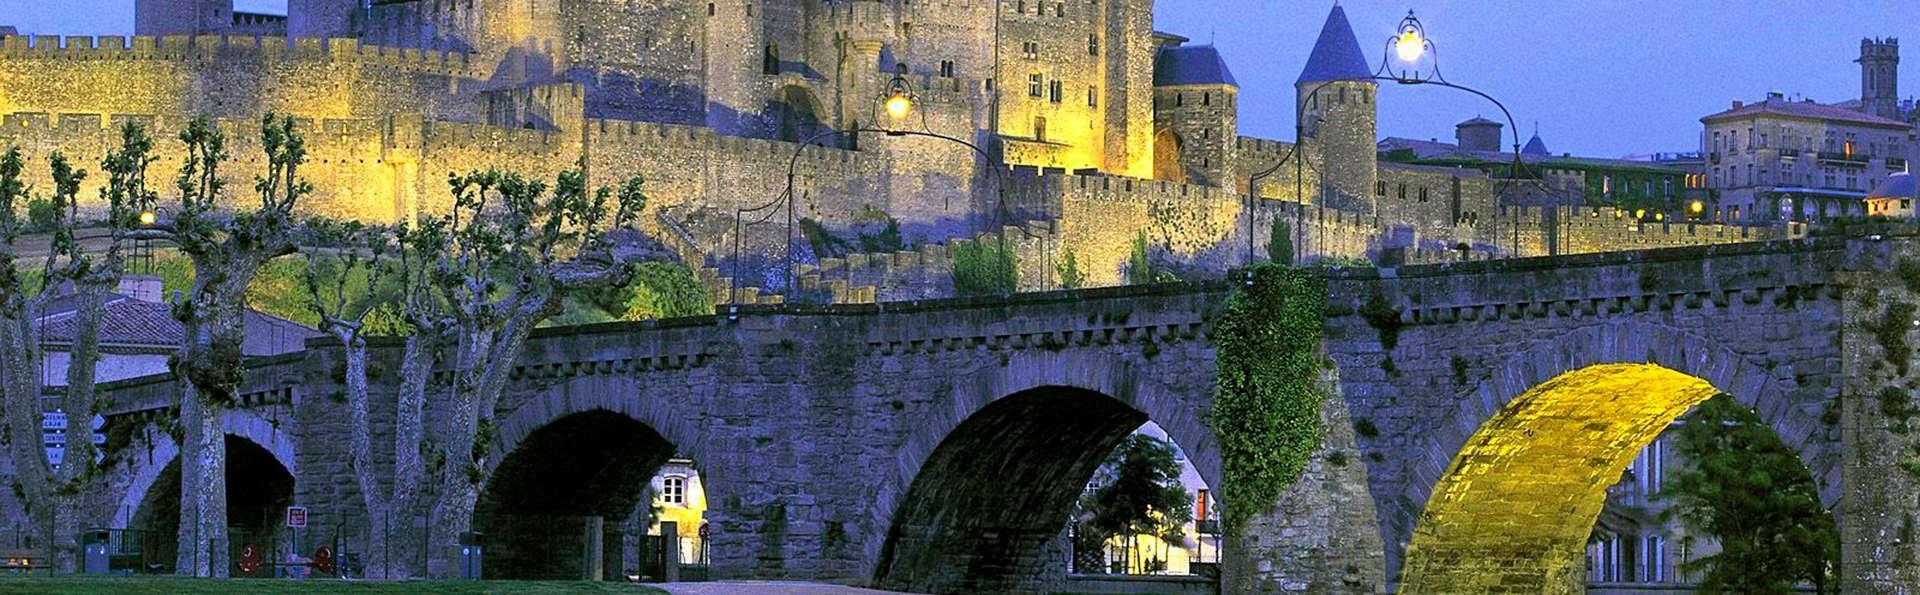 Dernière Minute : Weekend à Carcassonne